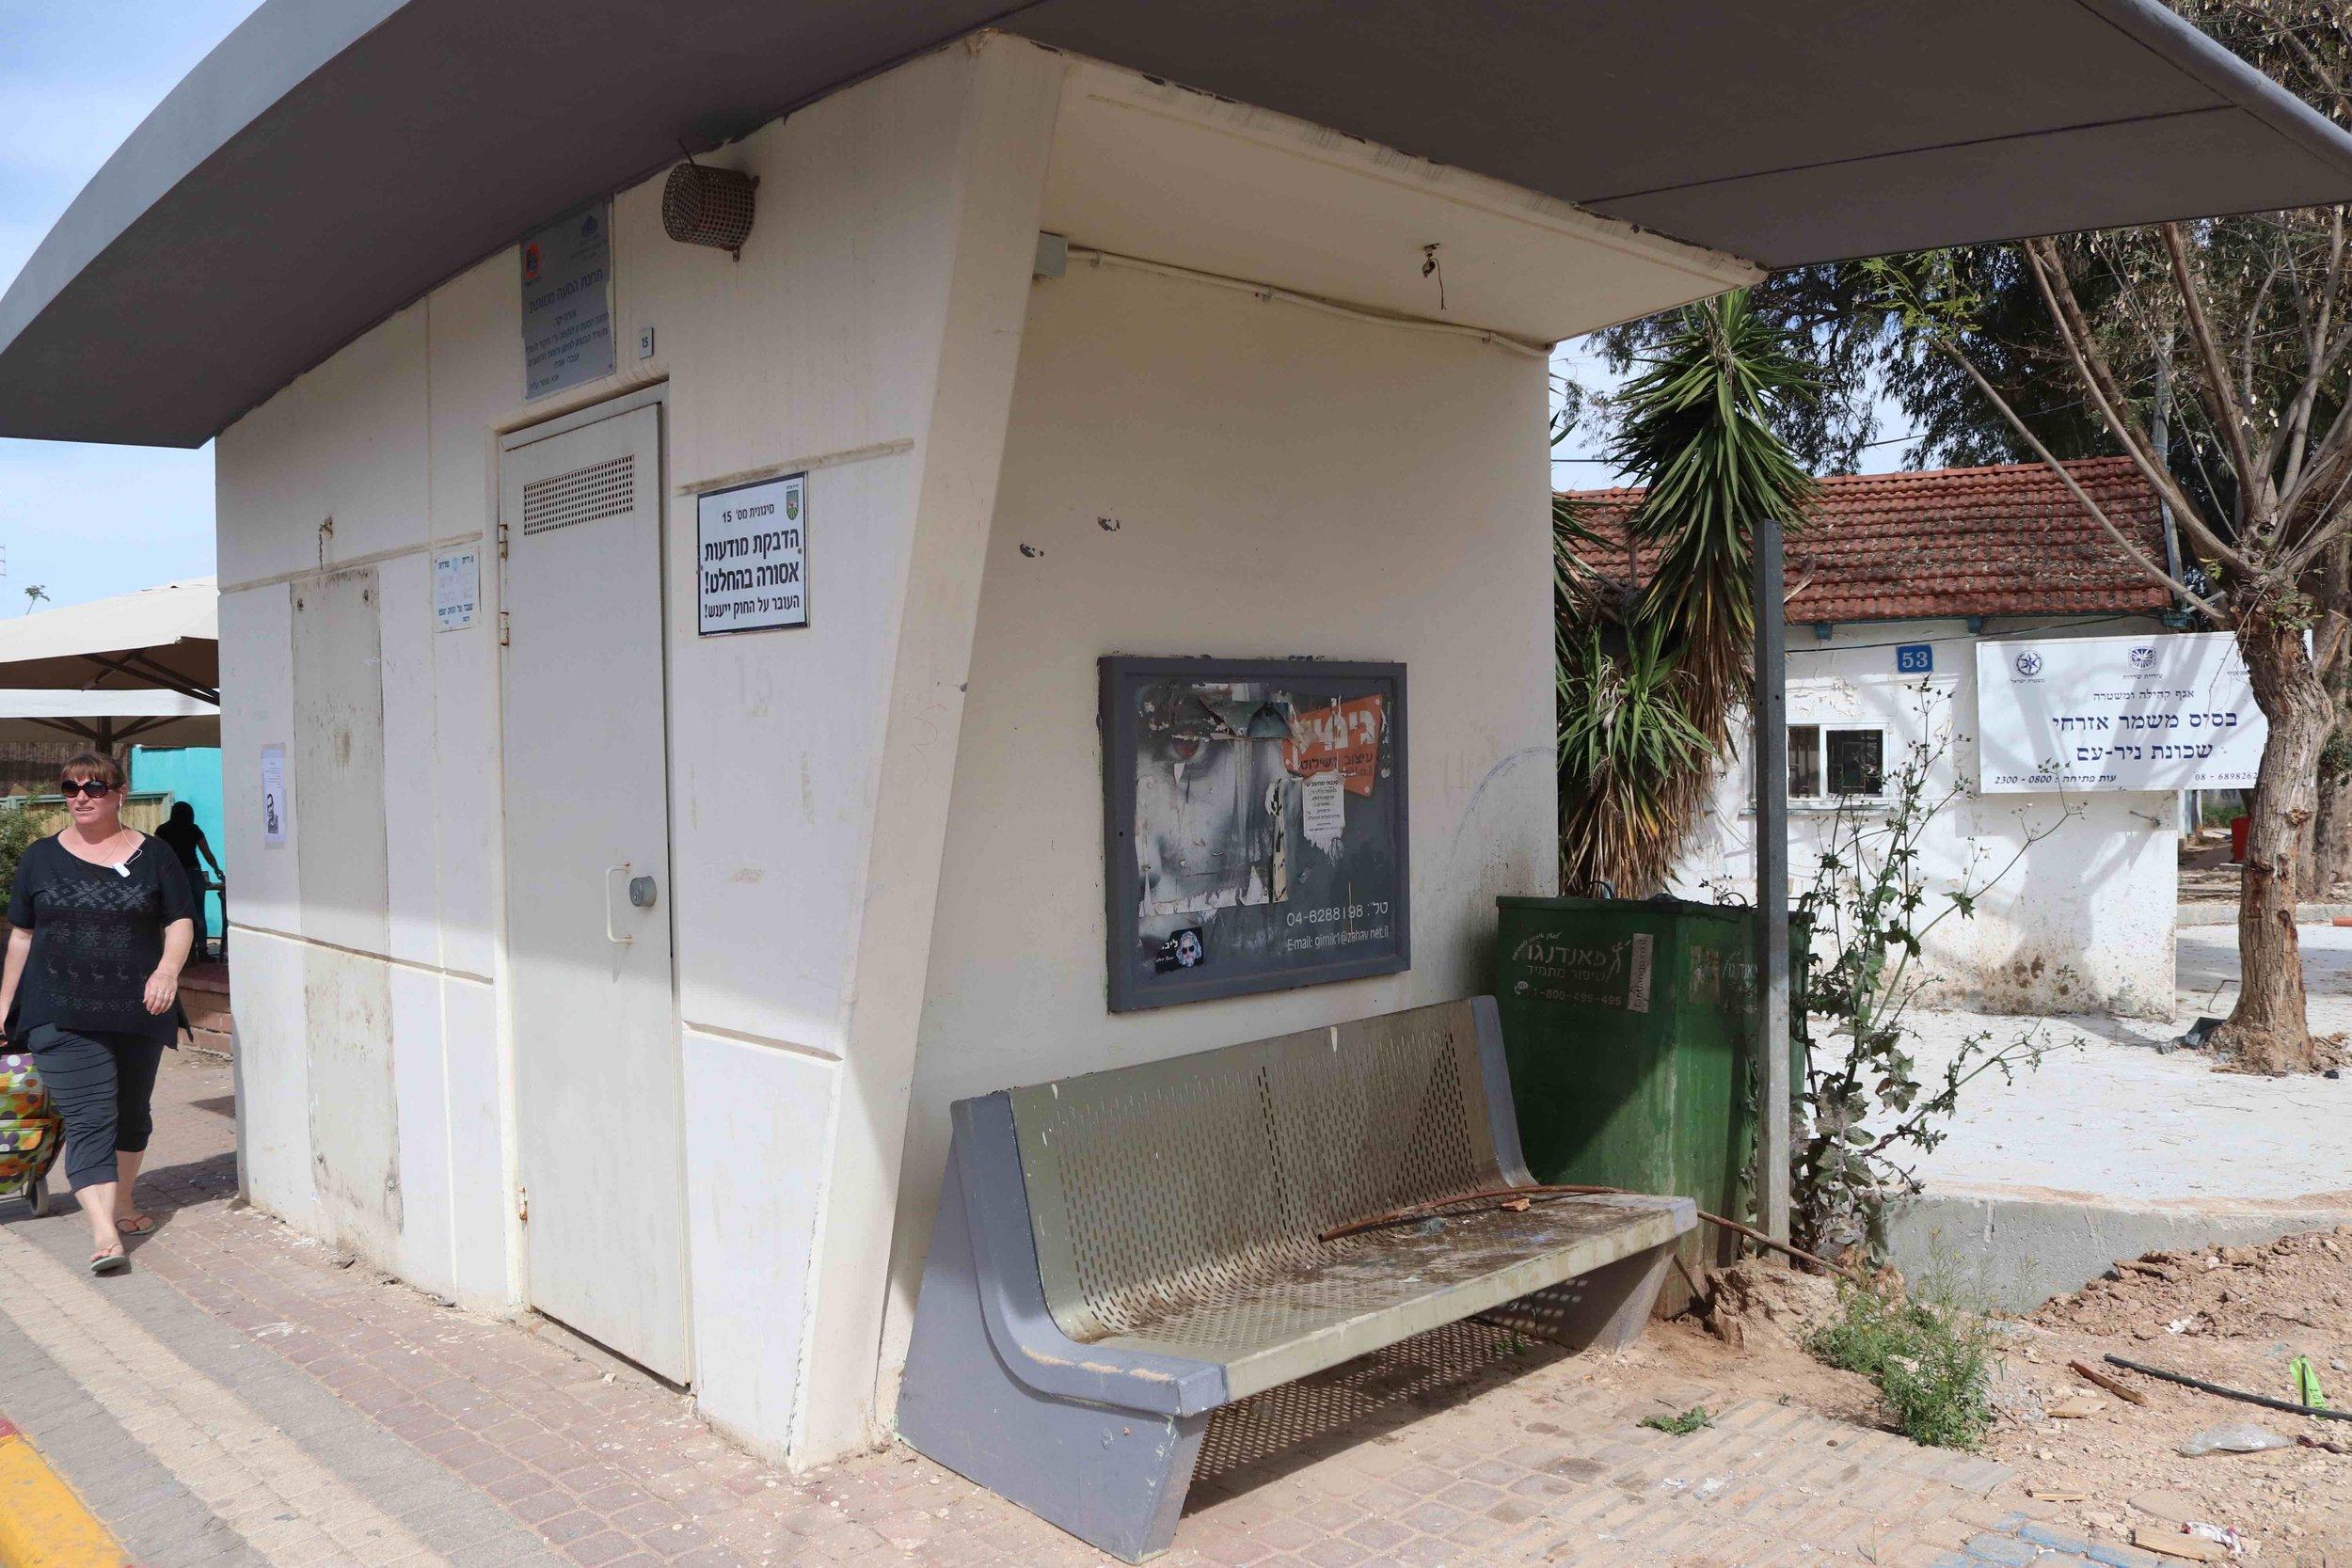 Street side bomb shelter in Sderot, Israel.